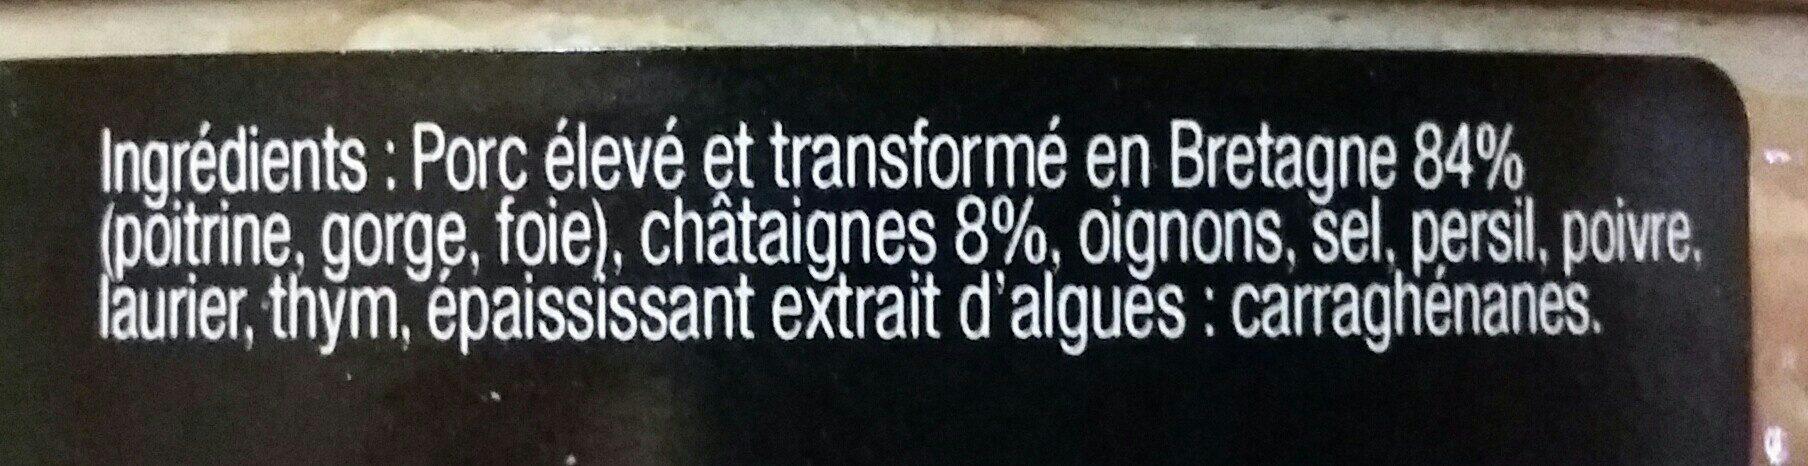 Pate De Campagne Breton Aux Chataignes - Ingrédients